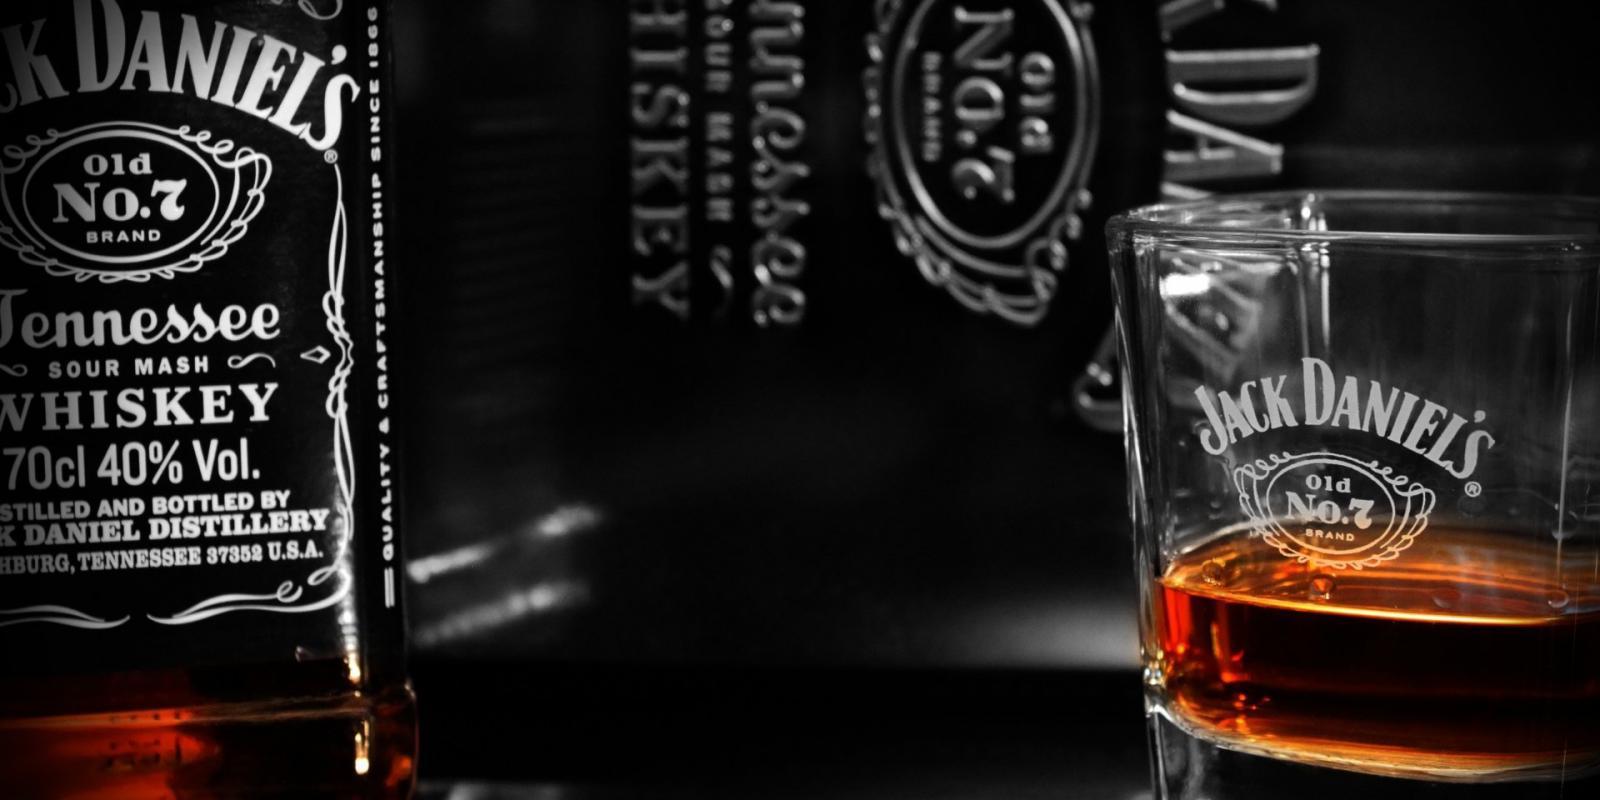 Image représentant le produit Jack Daniel's Gold No 27 en grand format, pour mieux voir le produit.